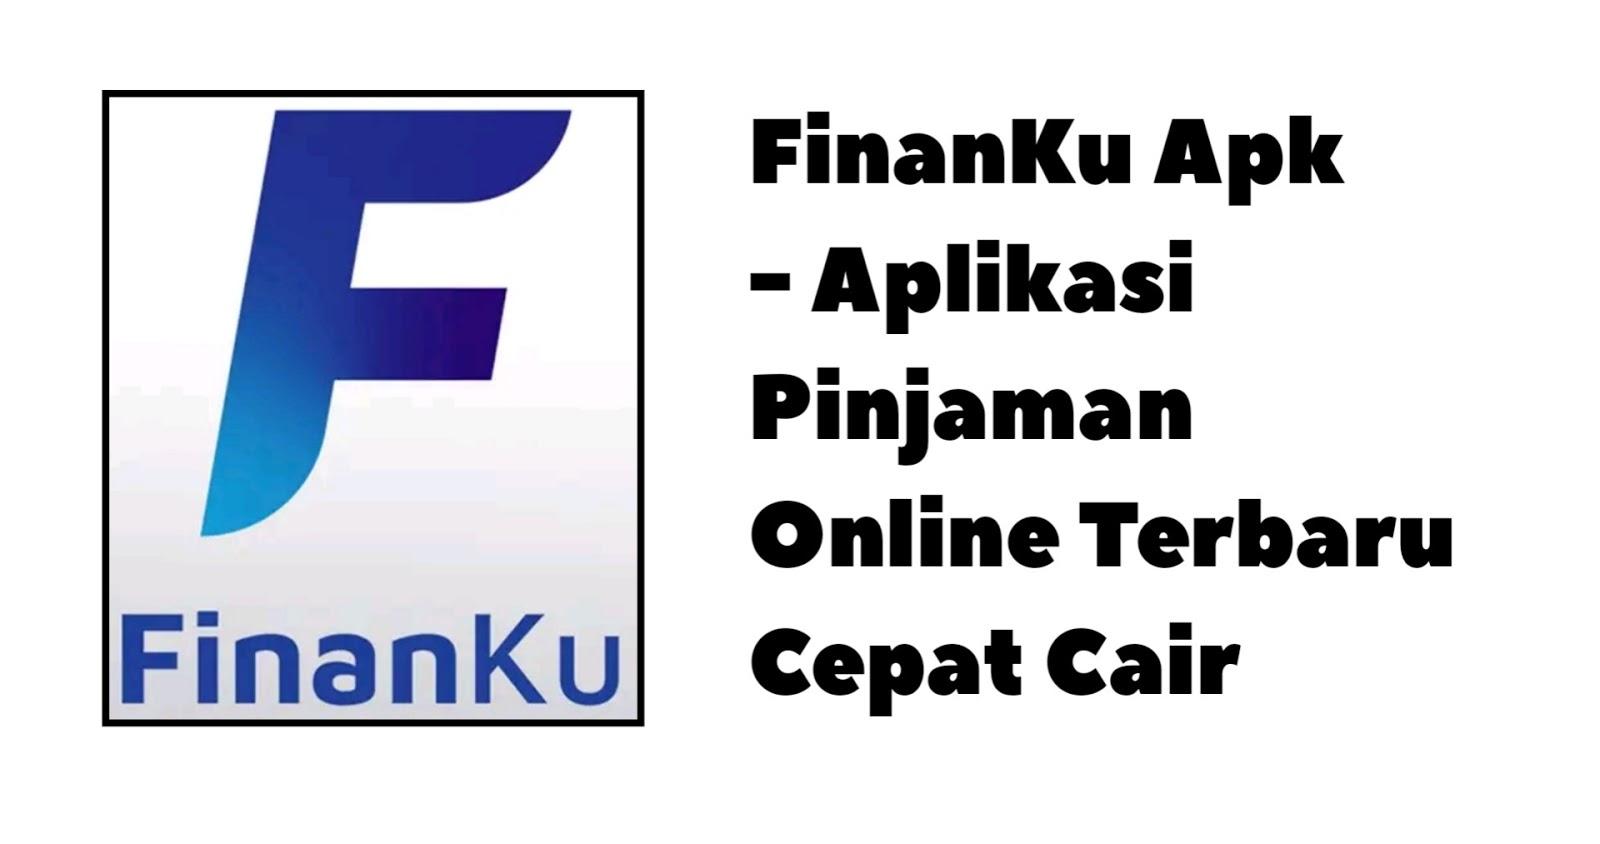 FinanKu Apk - Aplikasi Pinjaman Online Terbaru Cepat Cair